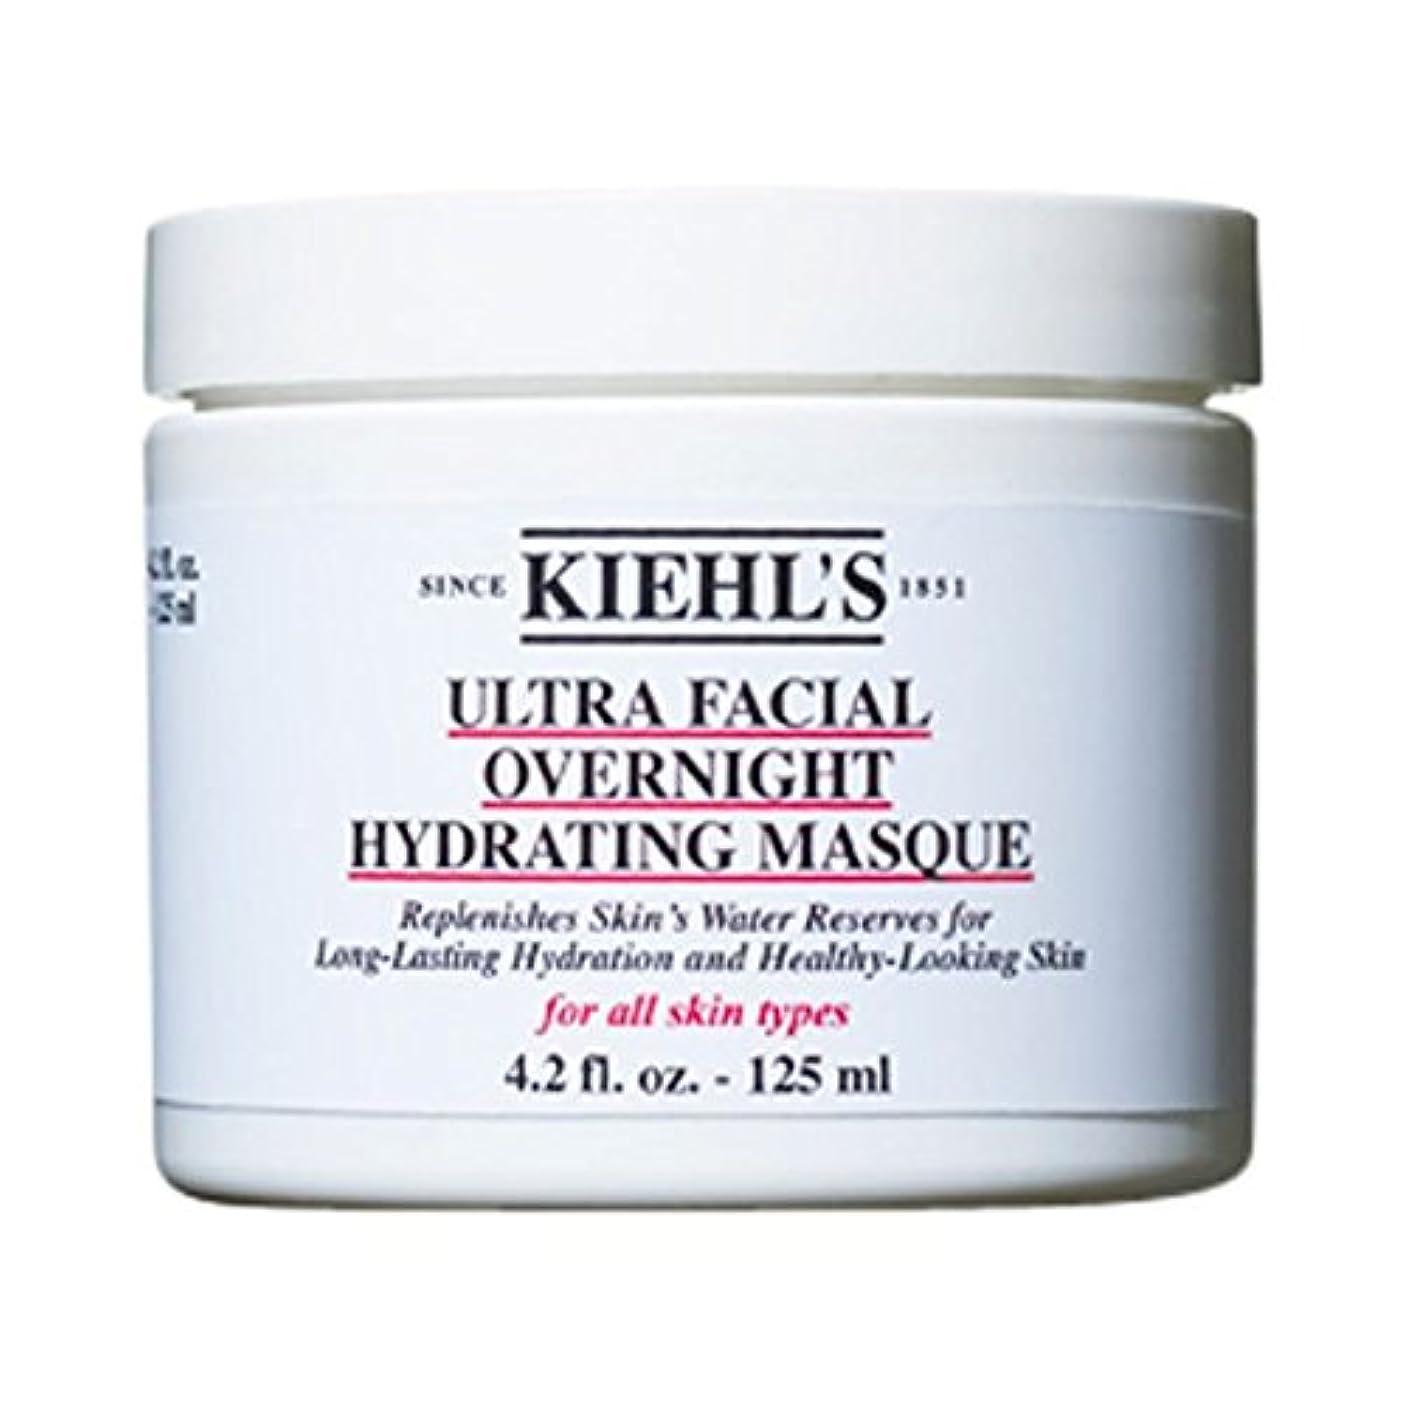 削除する期限切れ斧[Kiehl's] 超顔の仮面劇の125ミリリットル - Ultra Facial Masque 125ml [並行輸入品]